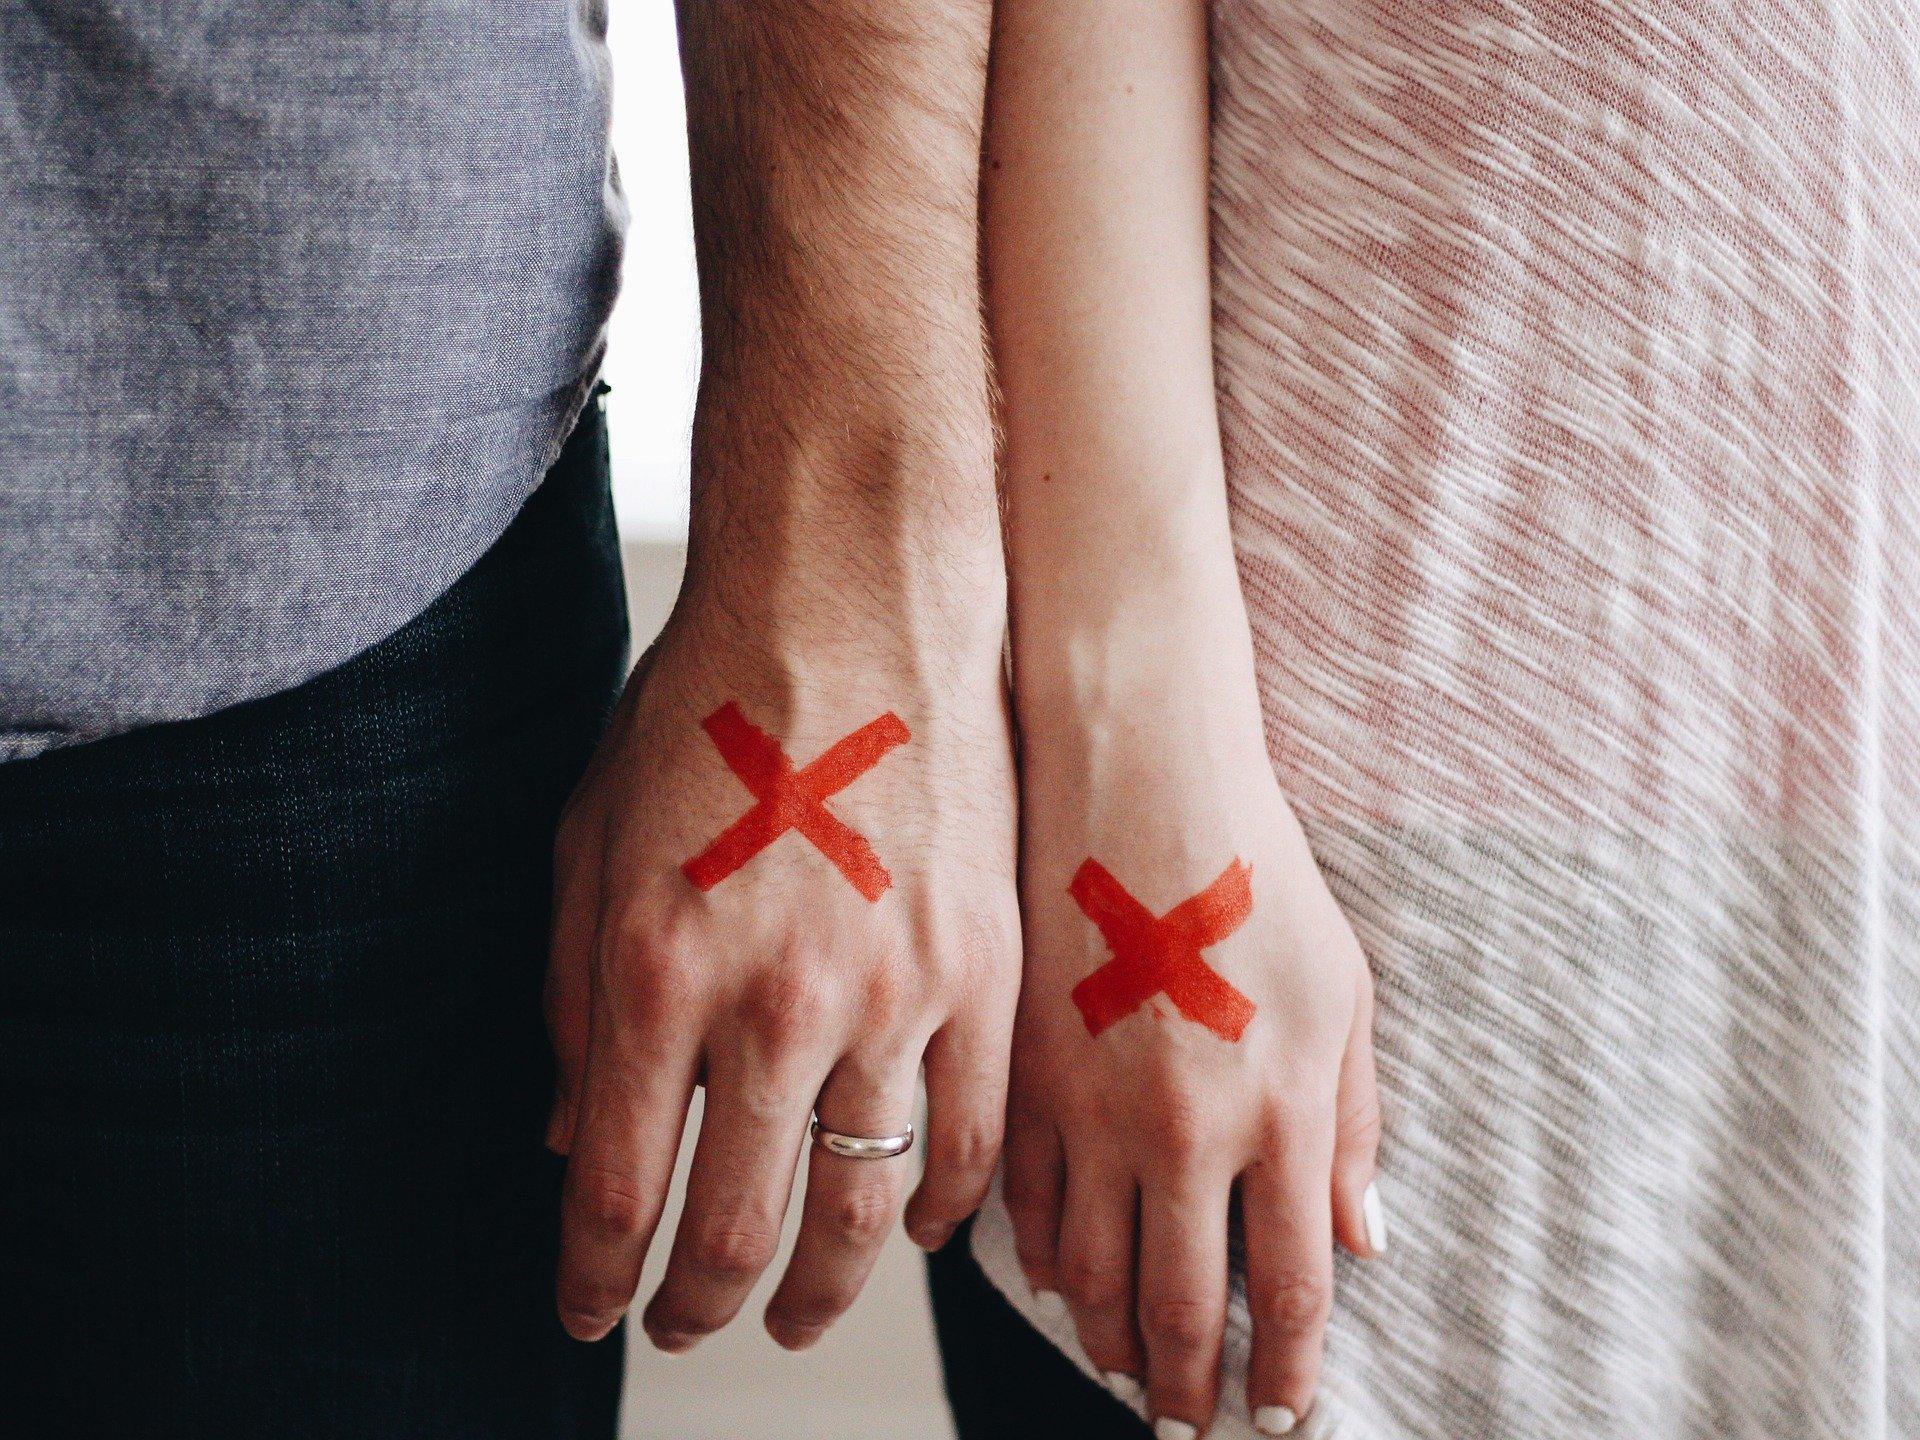 Jak podzielić kredyt hipoteczny po rozwodzie?